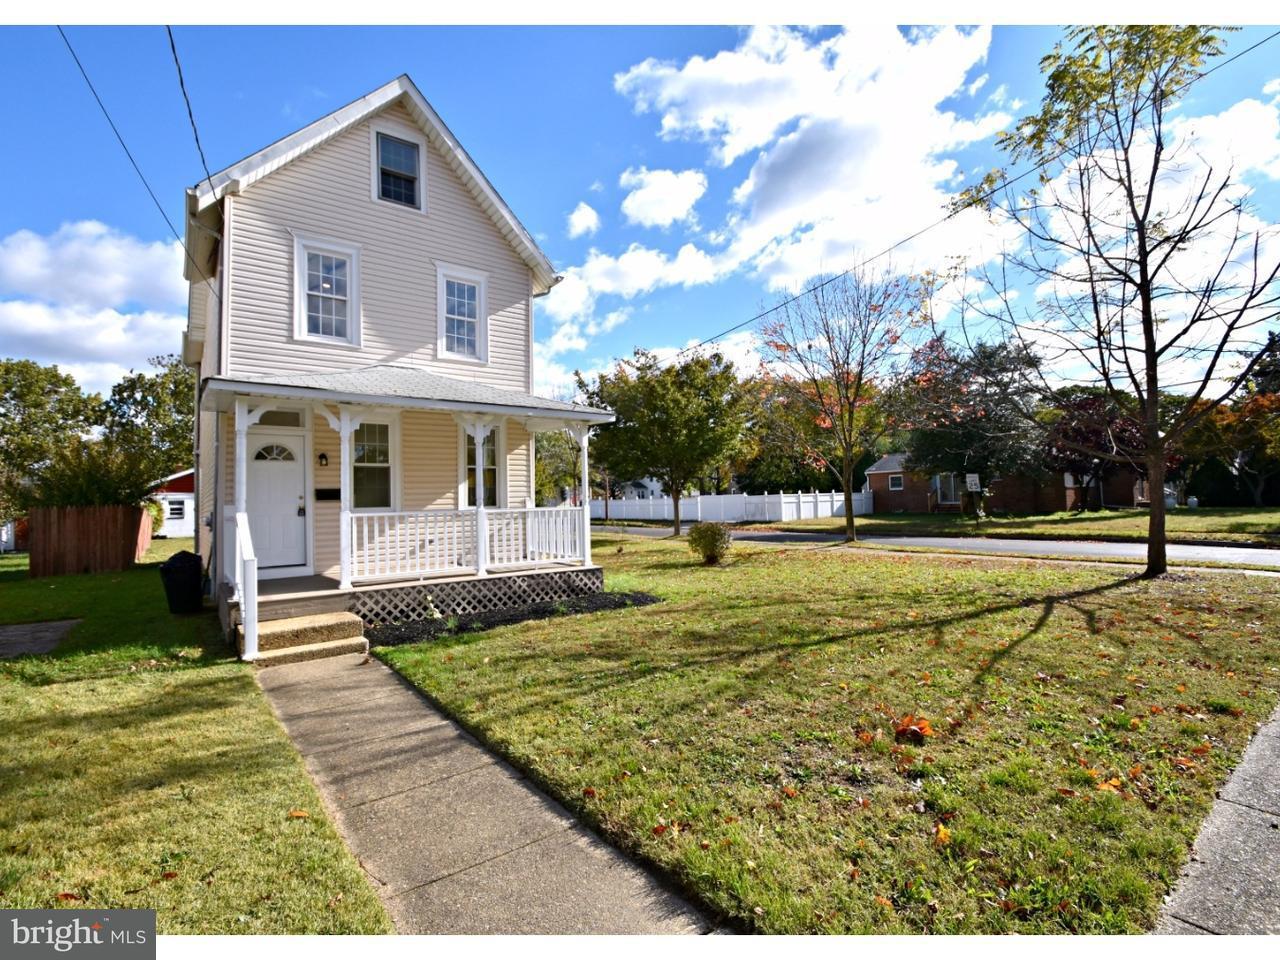 Частный односемейный дом для того Продажа на 627 PENNSYLVANIA Avenue Palmyra, Нью-Джерси 08065 Соединенные Штаты